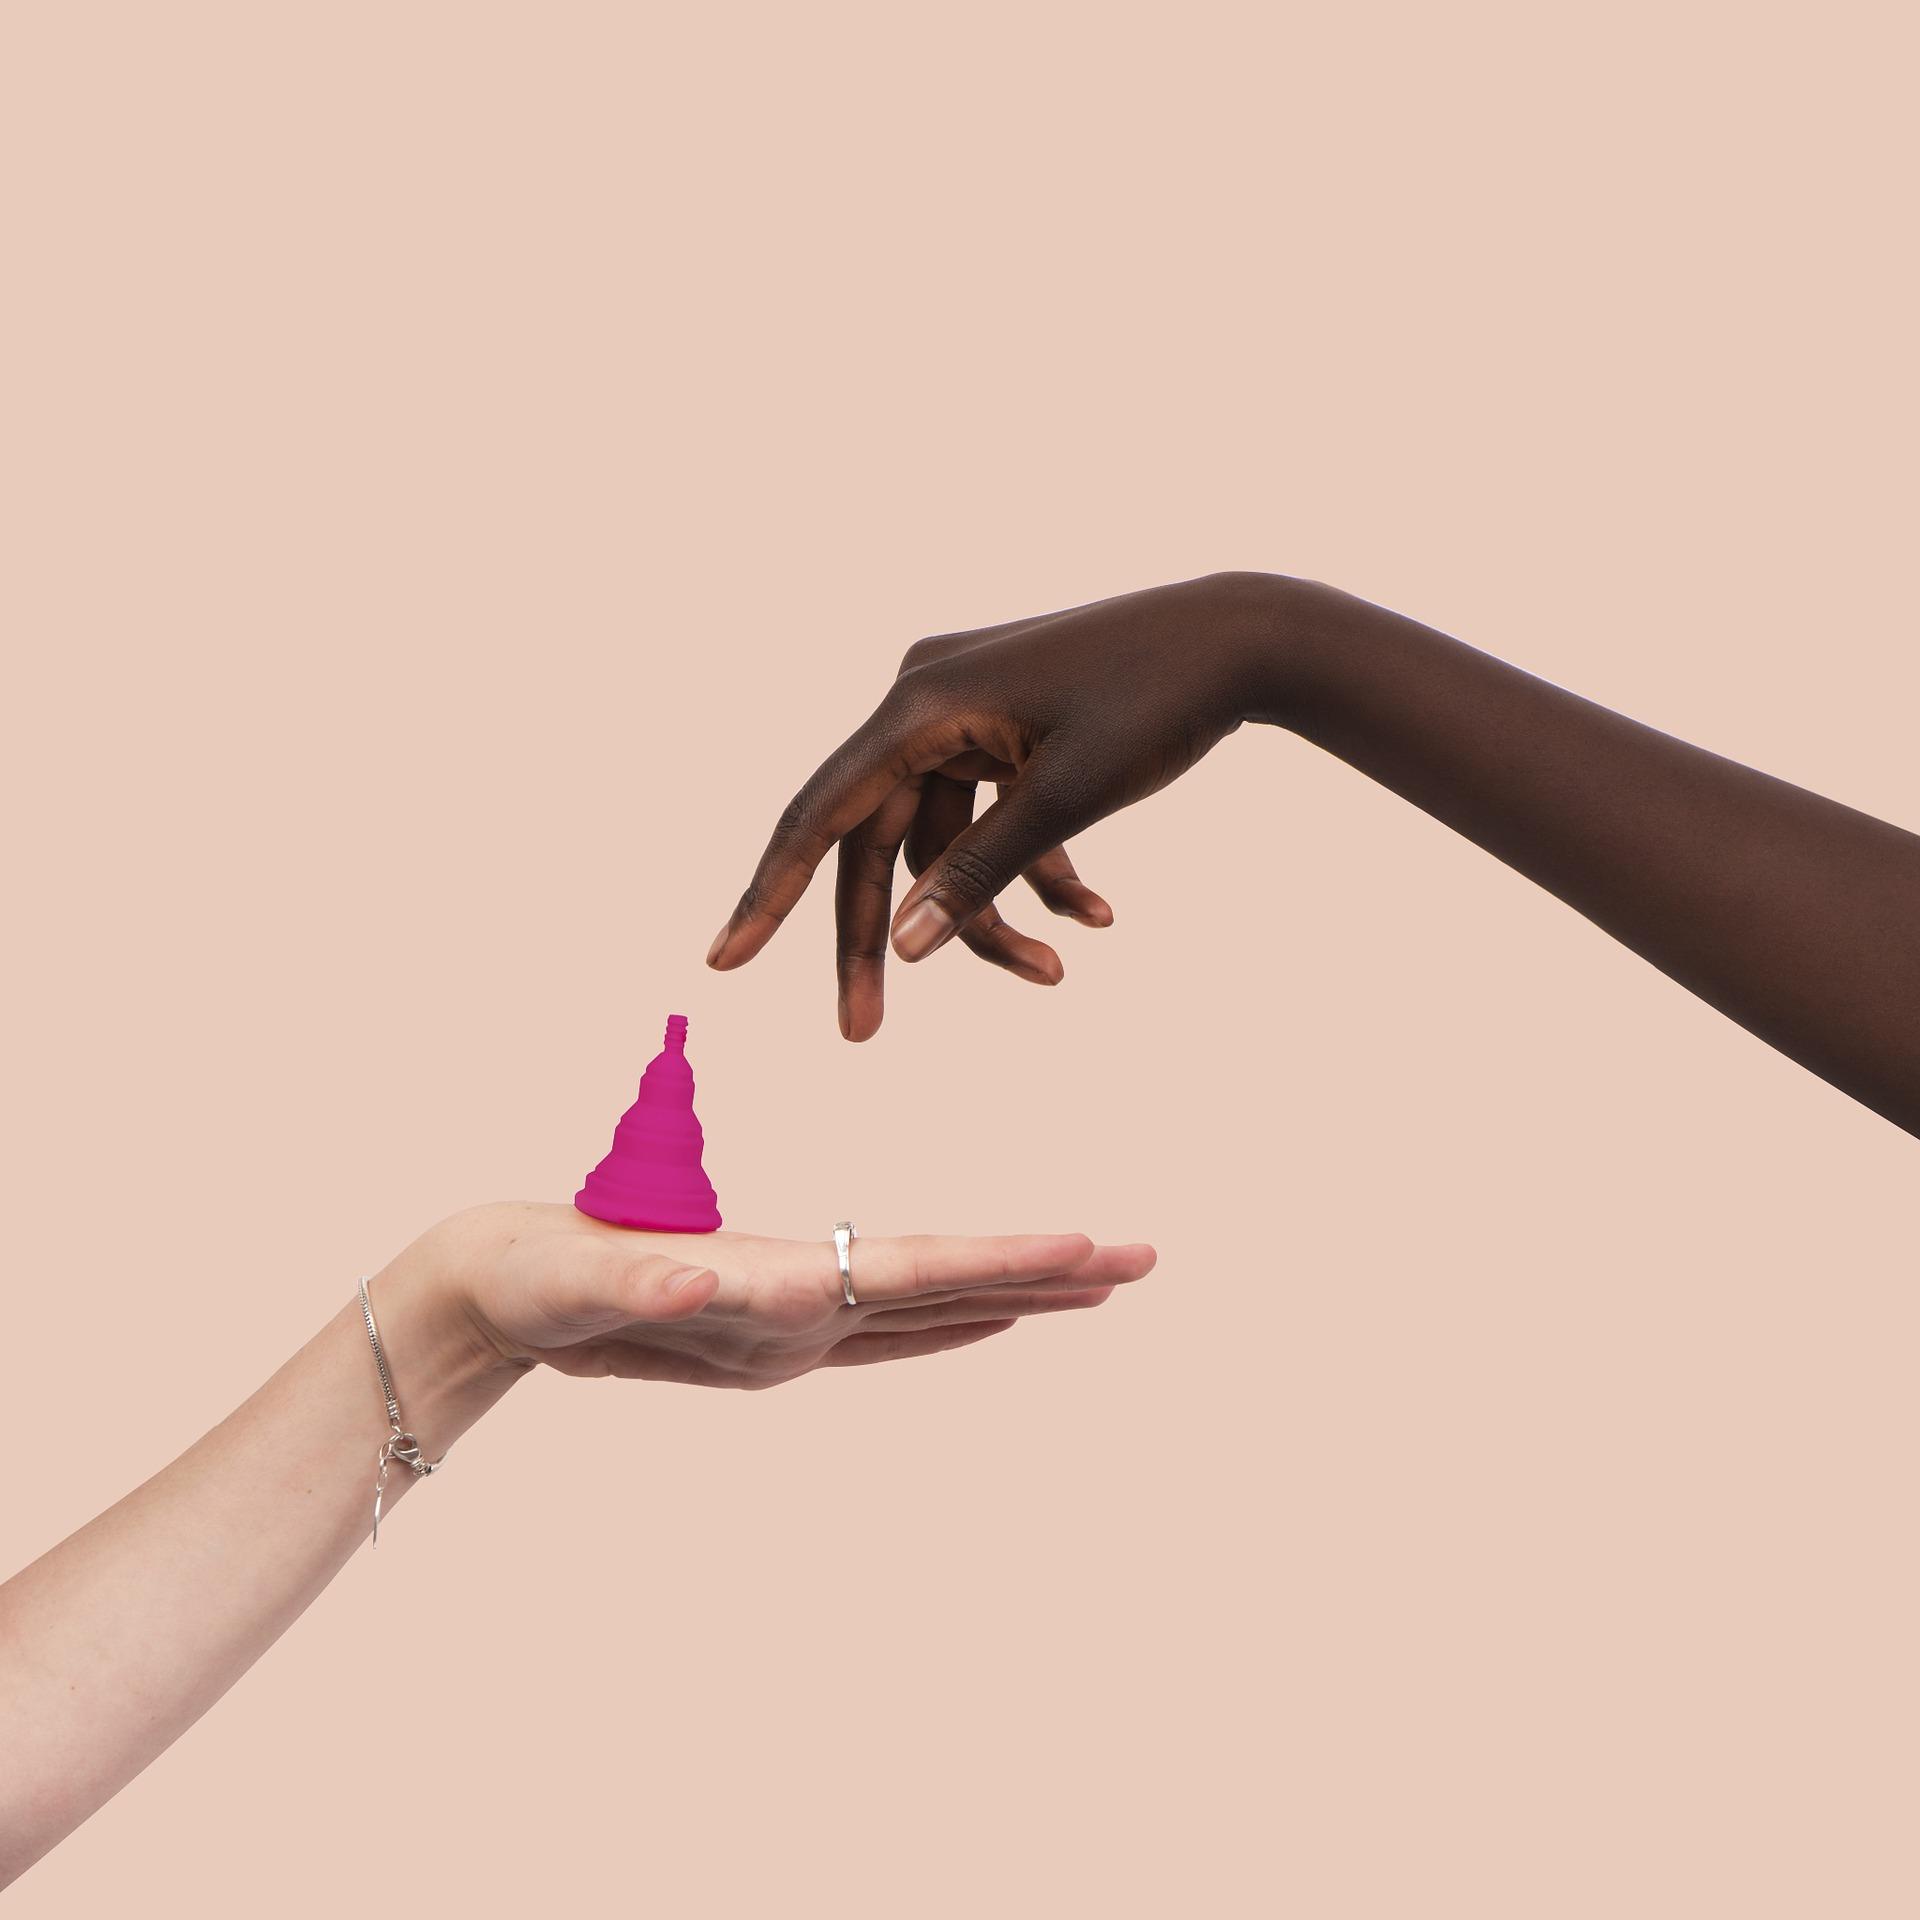 Vive la menstruación de un modo saludable y sostenible. Te hablamos de alternativas como la copa menstrual o las compresas de tela. Cuida de ti y el planeta